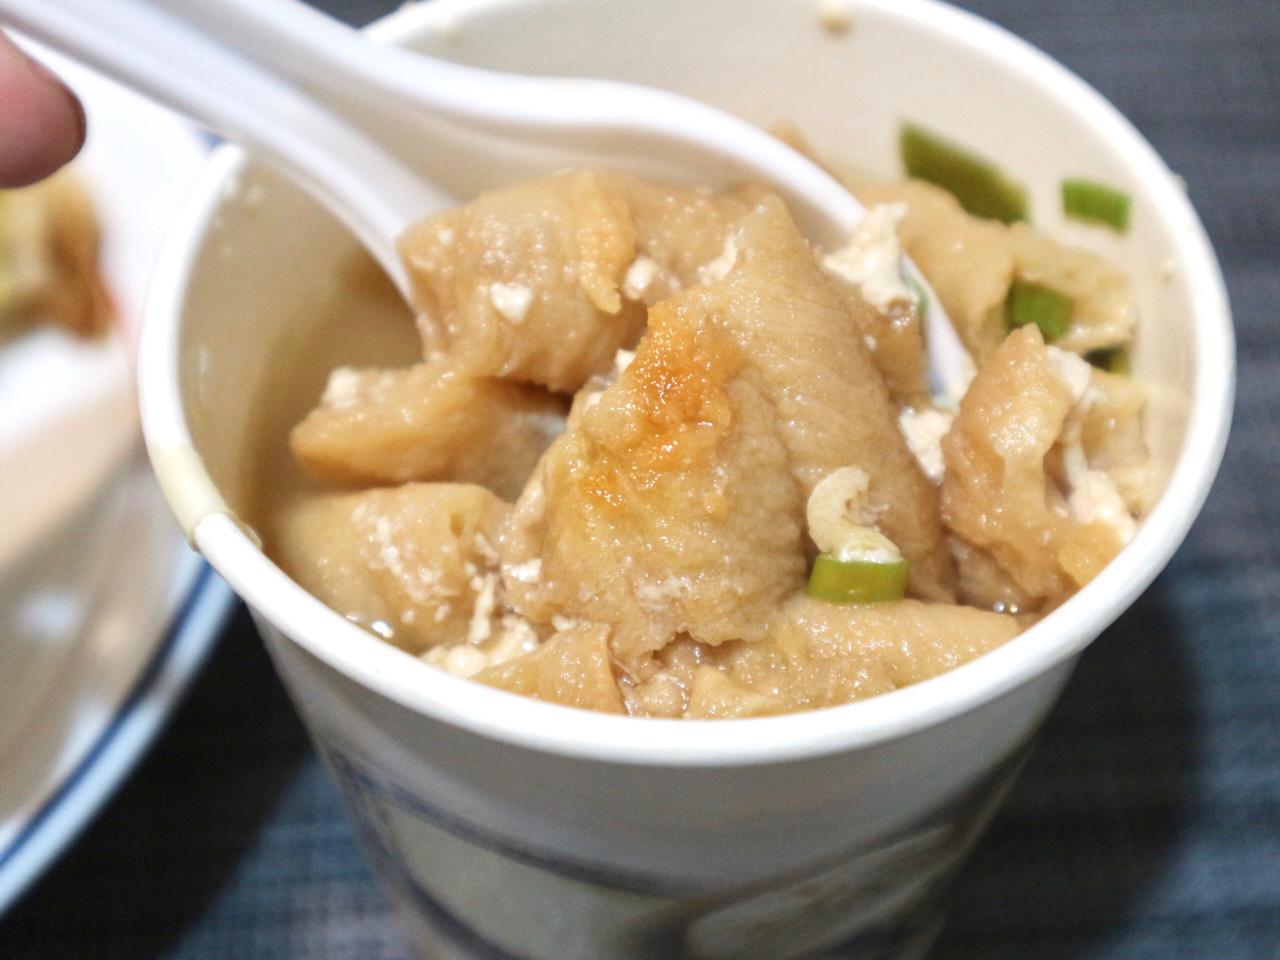 【台湾】鹹豆漿は夜ご飯にもおすすめ!朝6時から夜22時まで営業している豆乳店「四海豆漿大王」 画像1